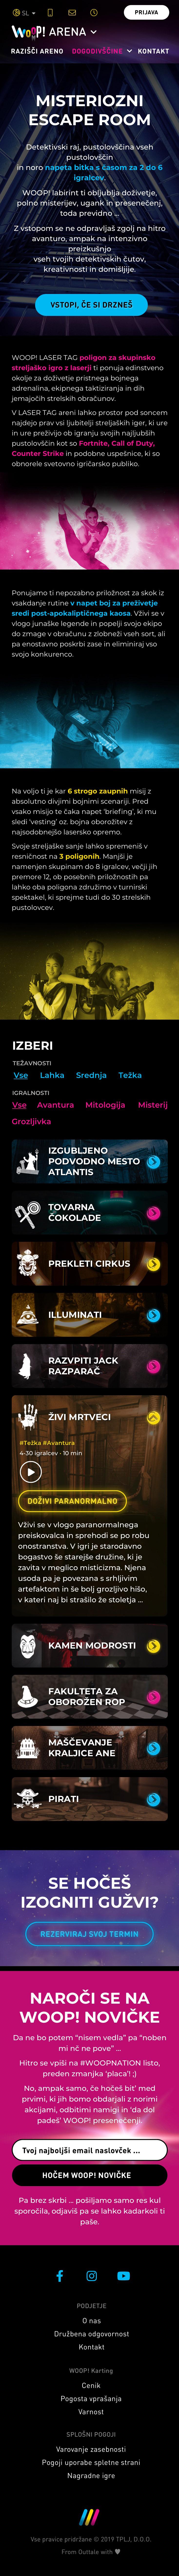 Arena Advenures mobile version